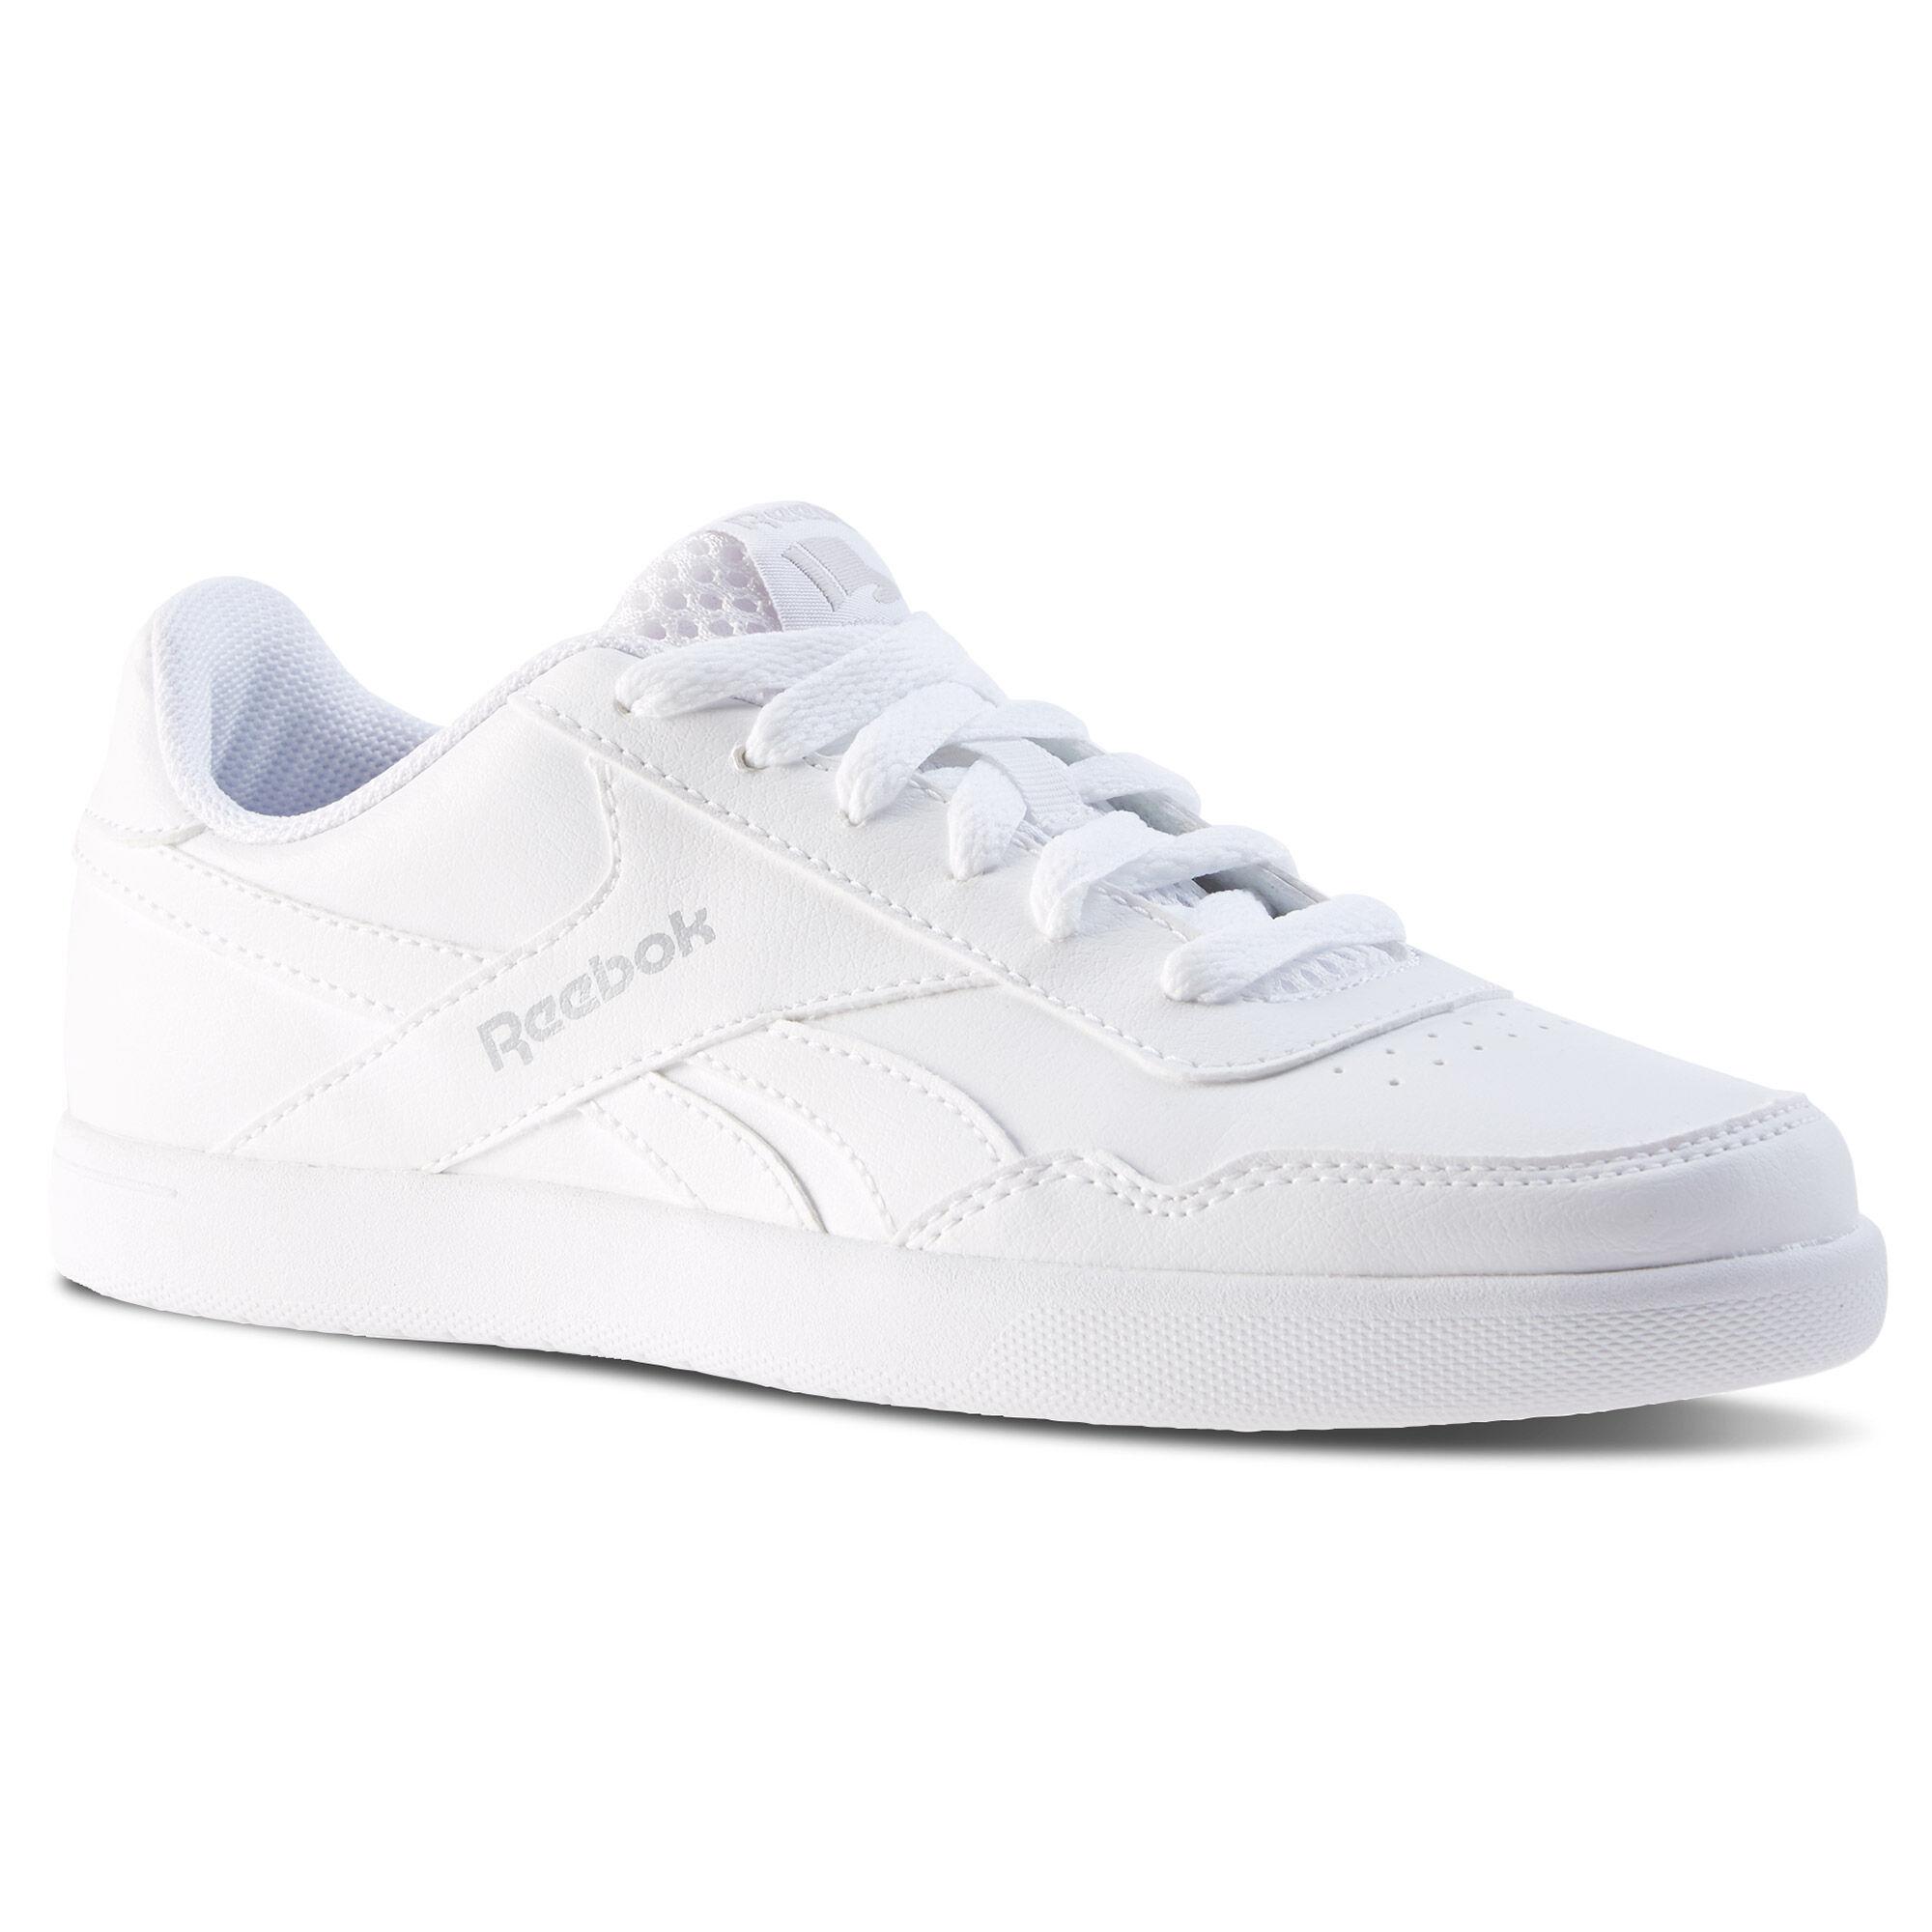 Zapatos Reebok Blancos Para Mujer